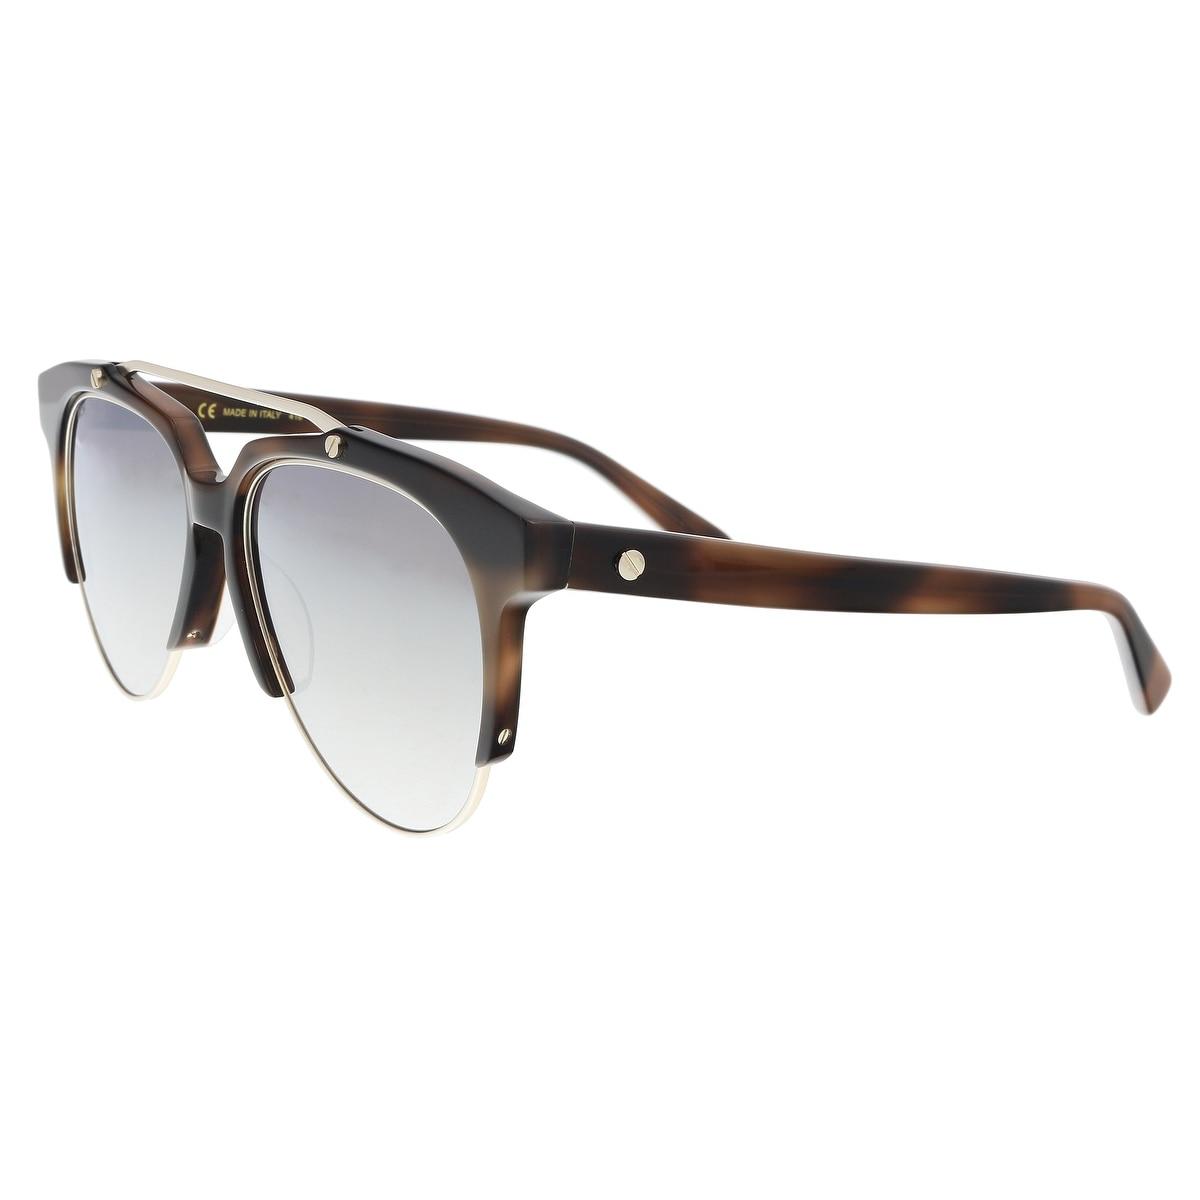 a0fdf22e08017 Shop MCM MCM112S 214 Havana Aviator Sunglasses - 57-16-145 - Free ...